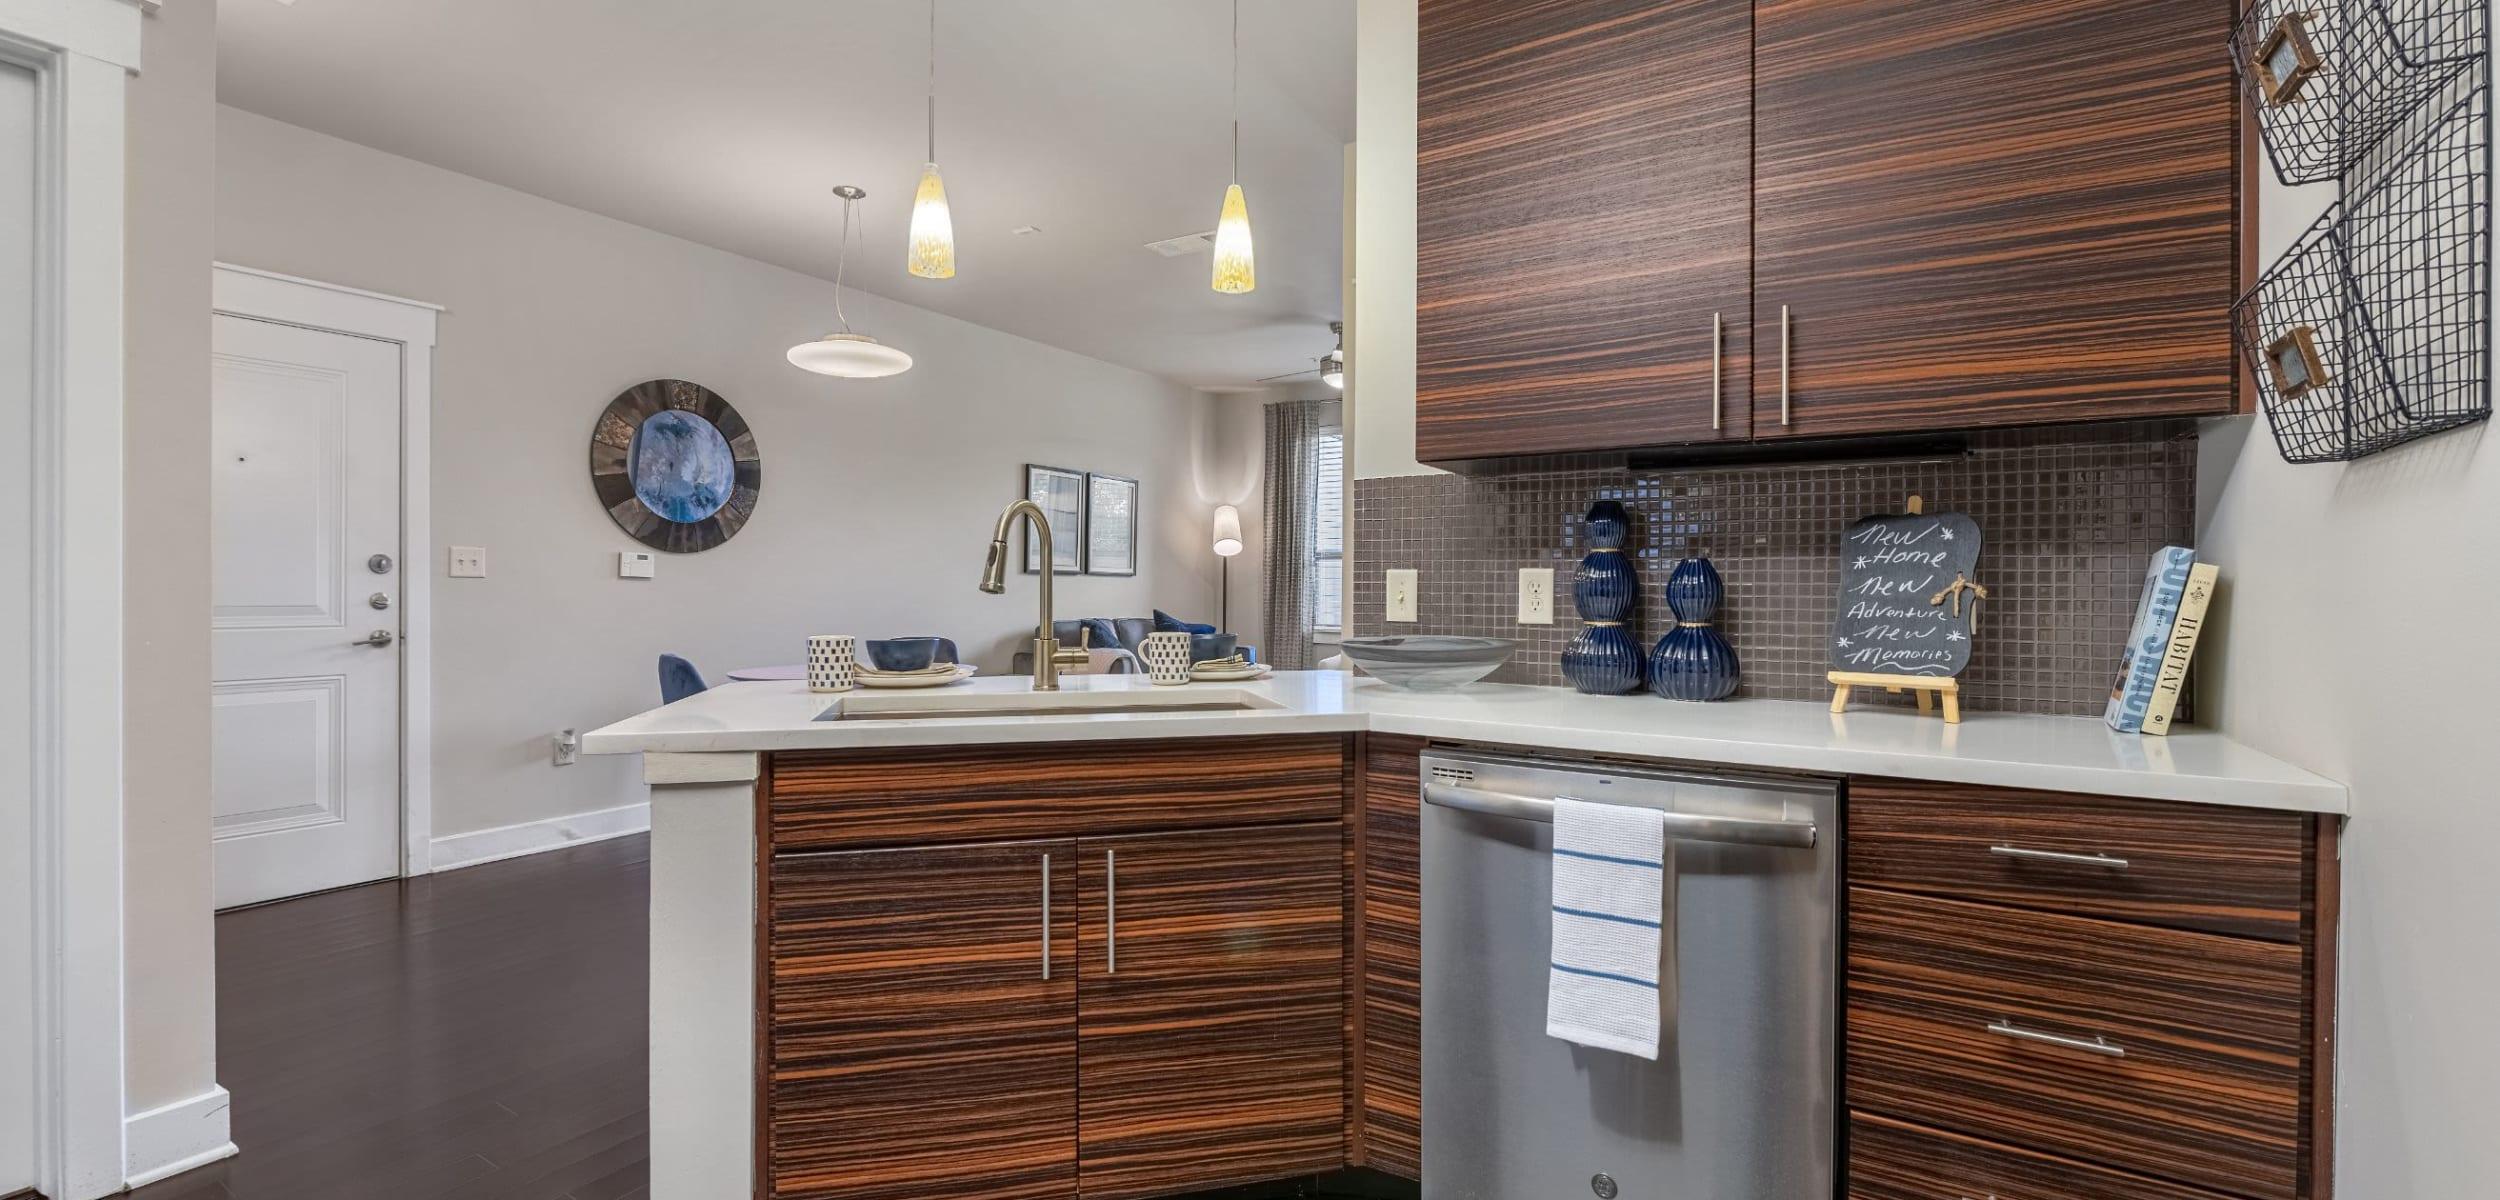 Modern kitchen with a breakfst bar at Marquis Cresta Bella in San Antonio, Texas